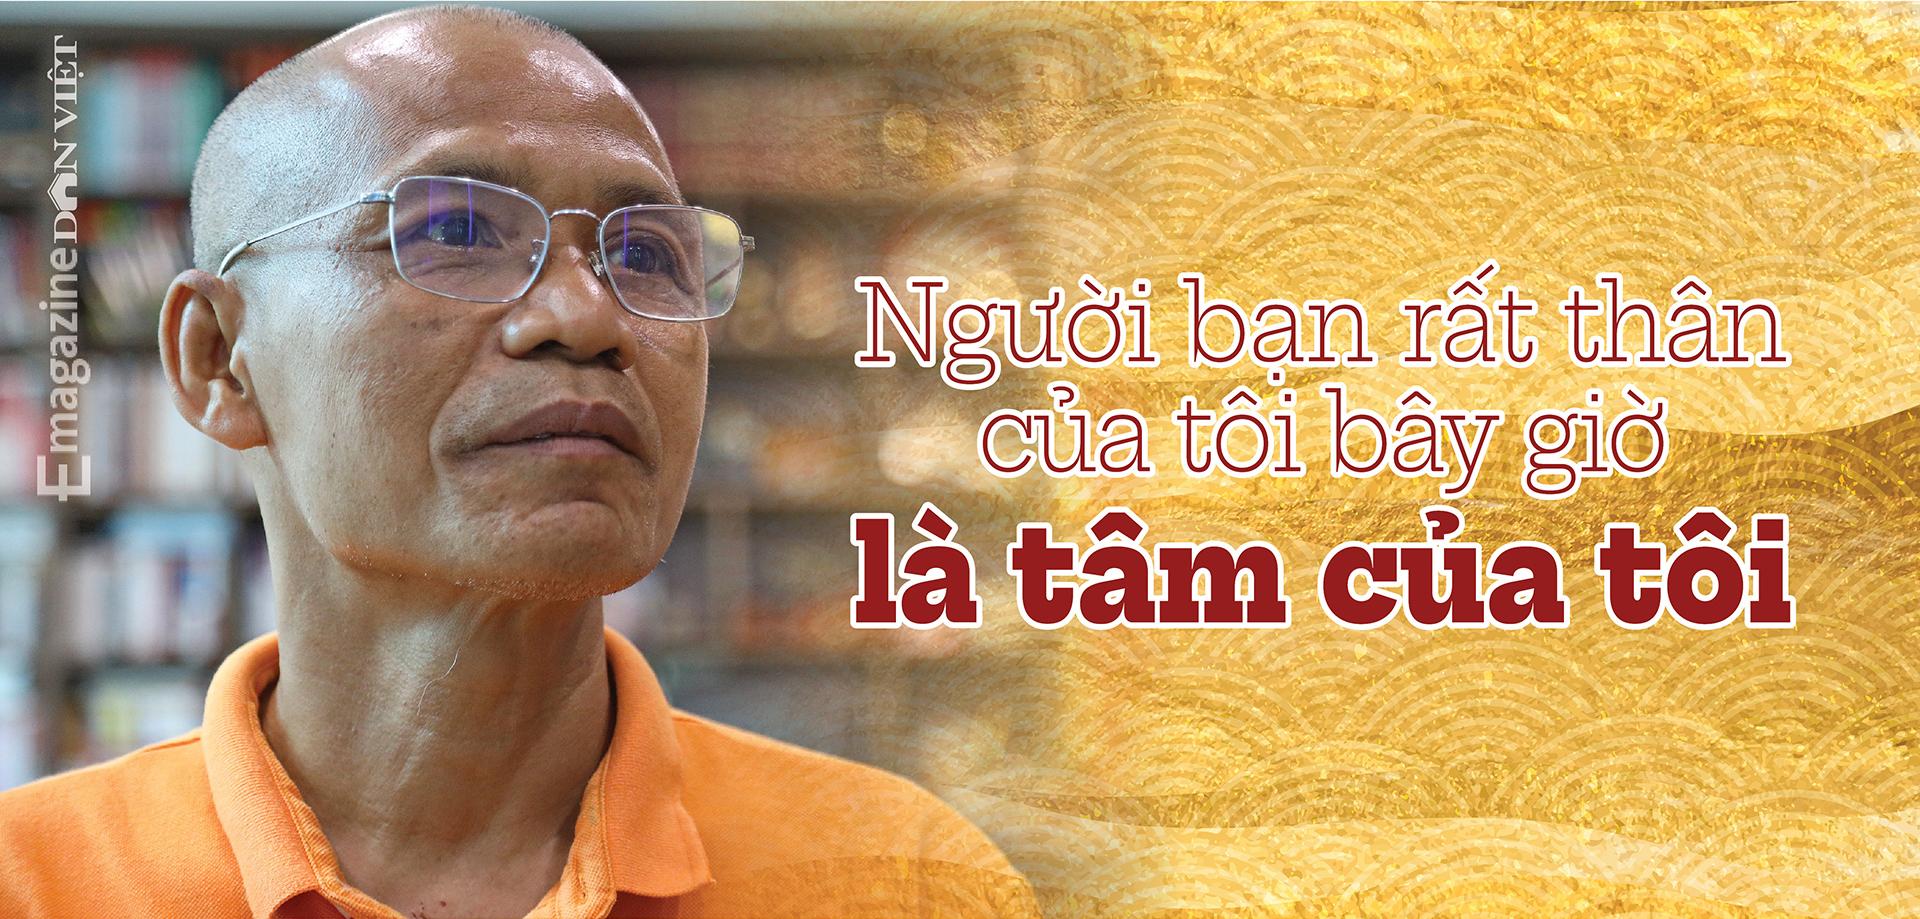 """Đại gia đi tu Nguyễn Mạnh Hùng: """"Nhiều người giàu có, nổi tiếng, thành đạt luôn bất an, tôi trải qua nên biết điều đó"""" - Ảnh 23."""